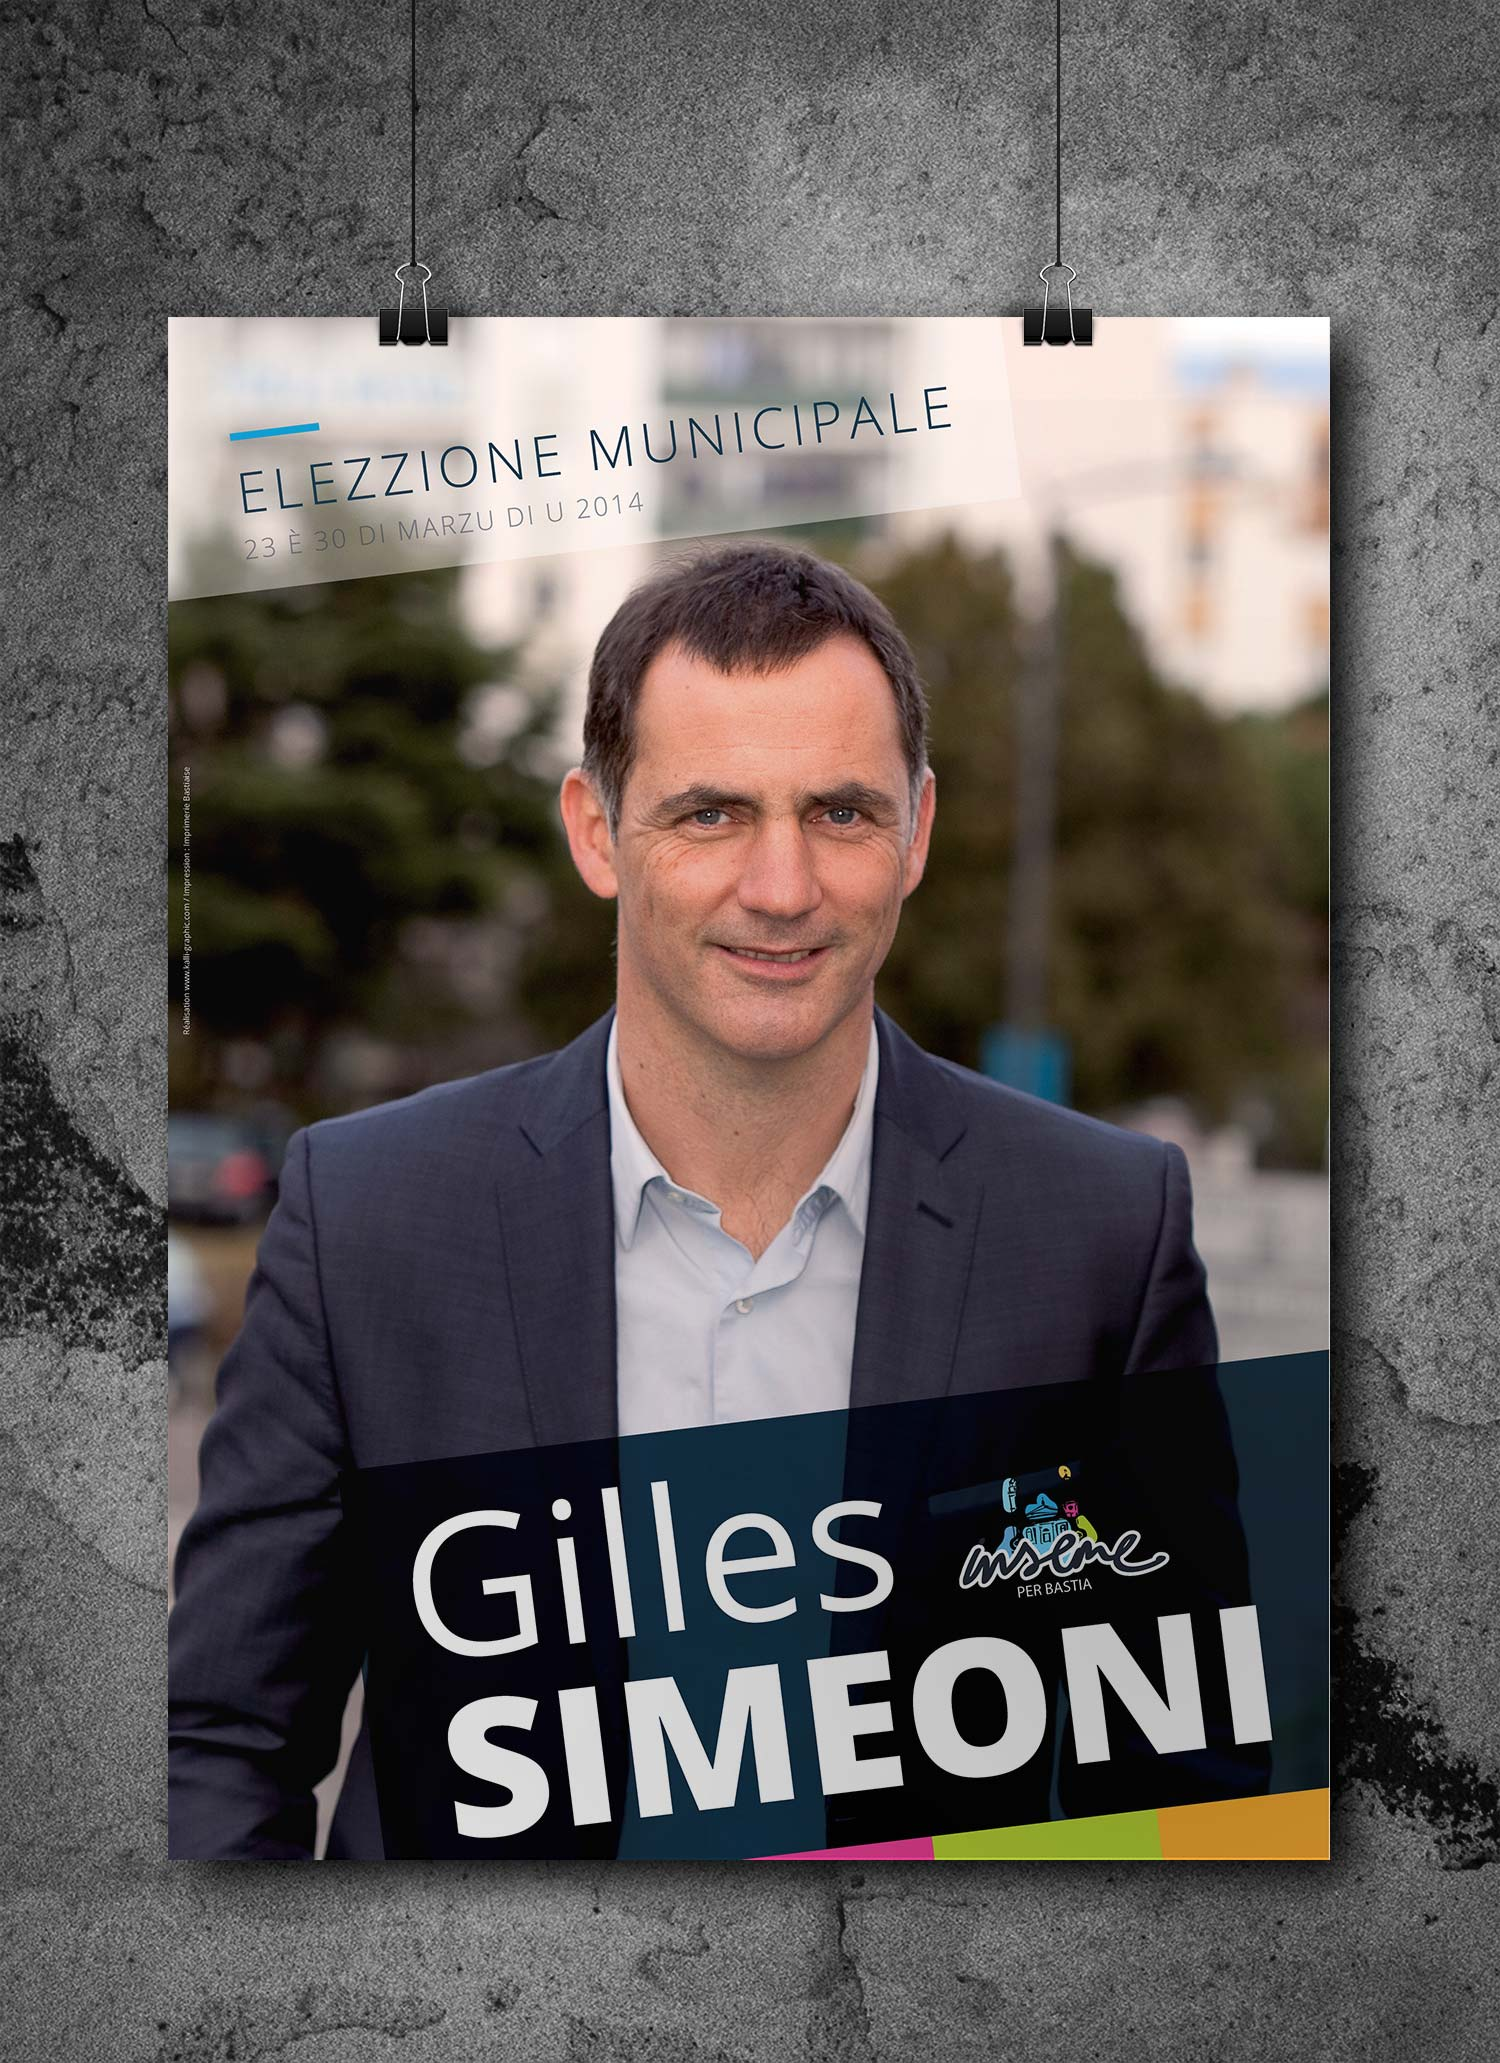 affiche-Gilles-Simeoni-2014